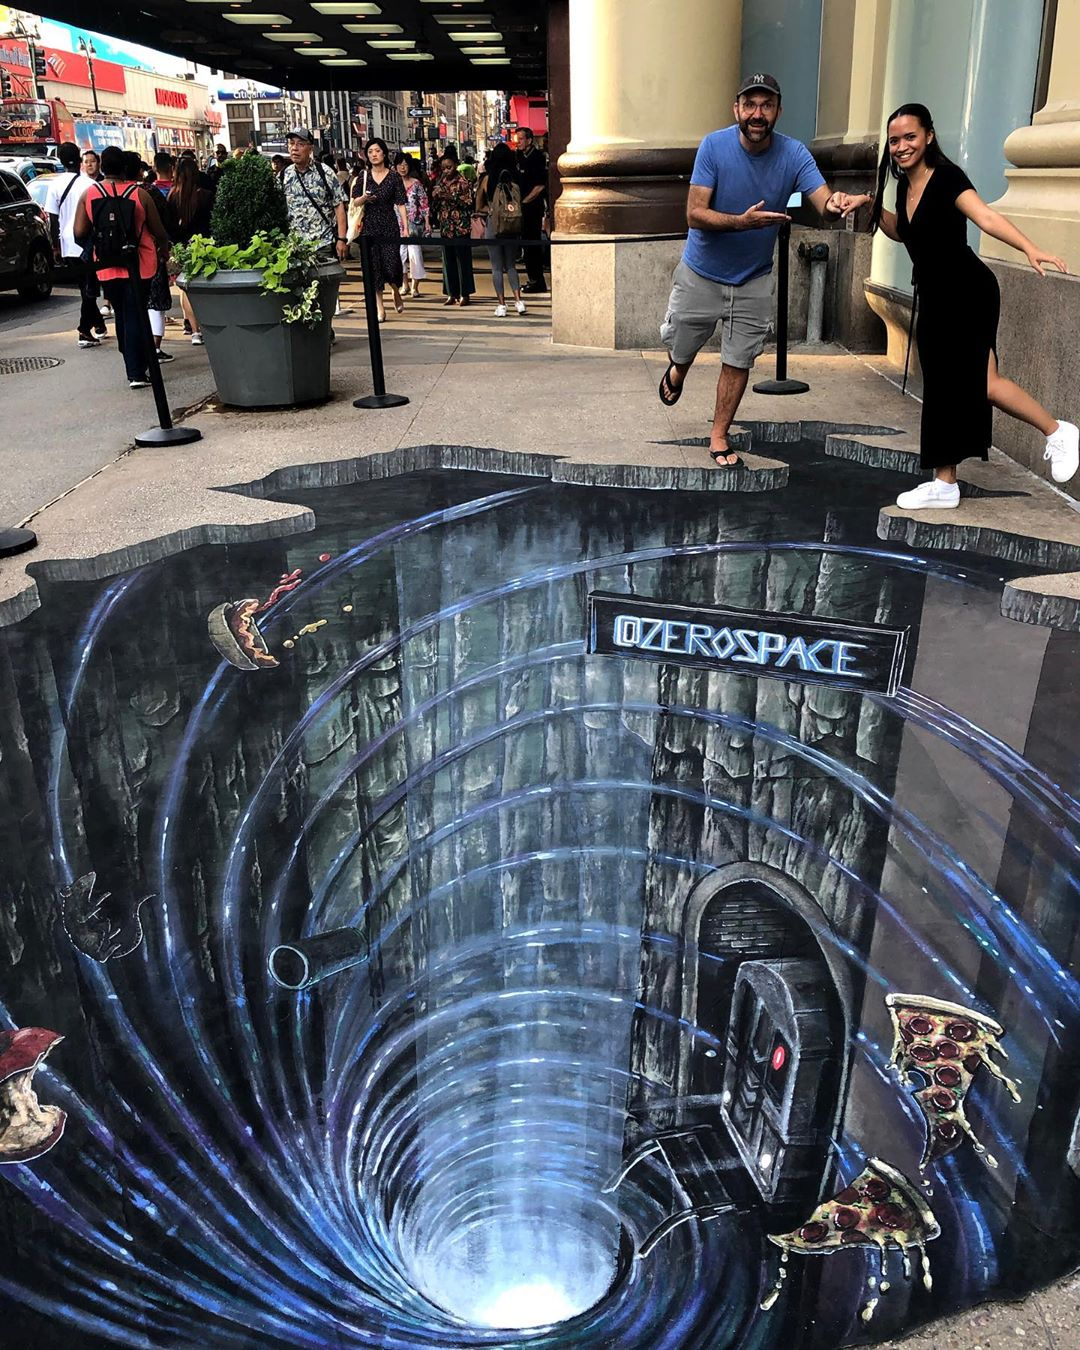 Joe&Max极具视觉冲击力的街头3D艺术画作